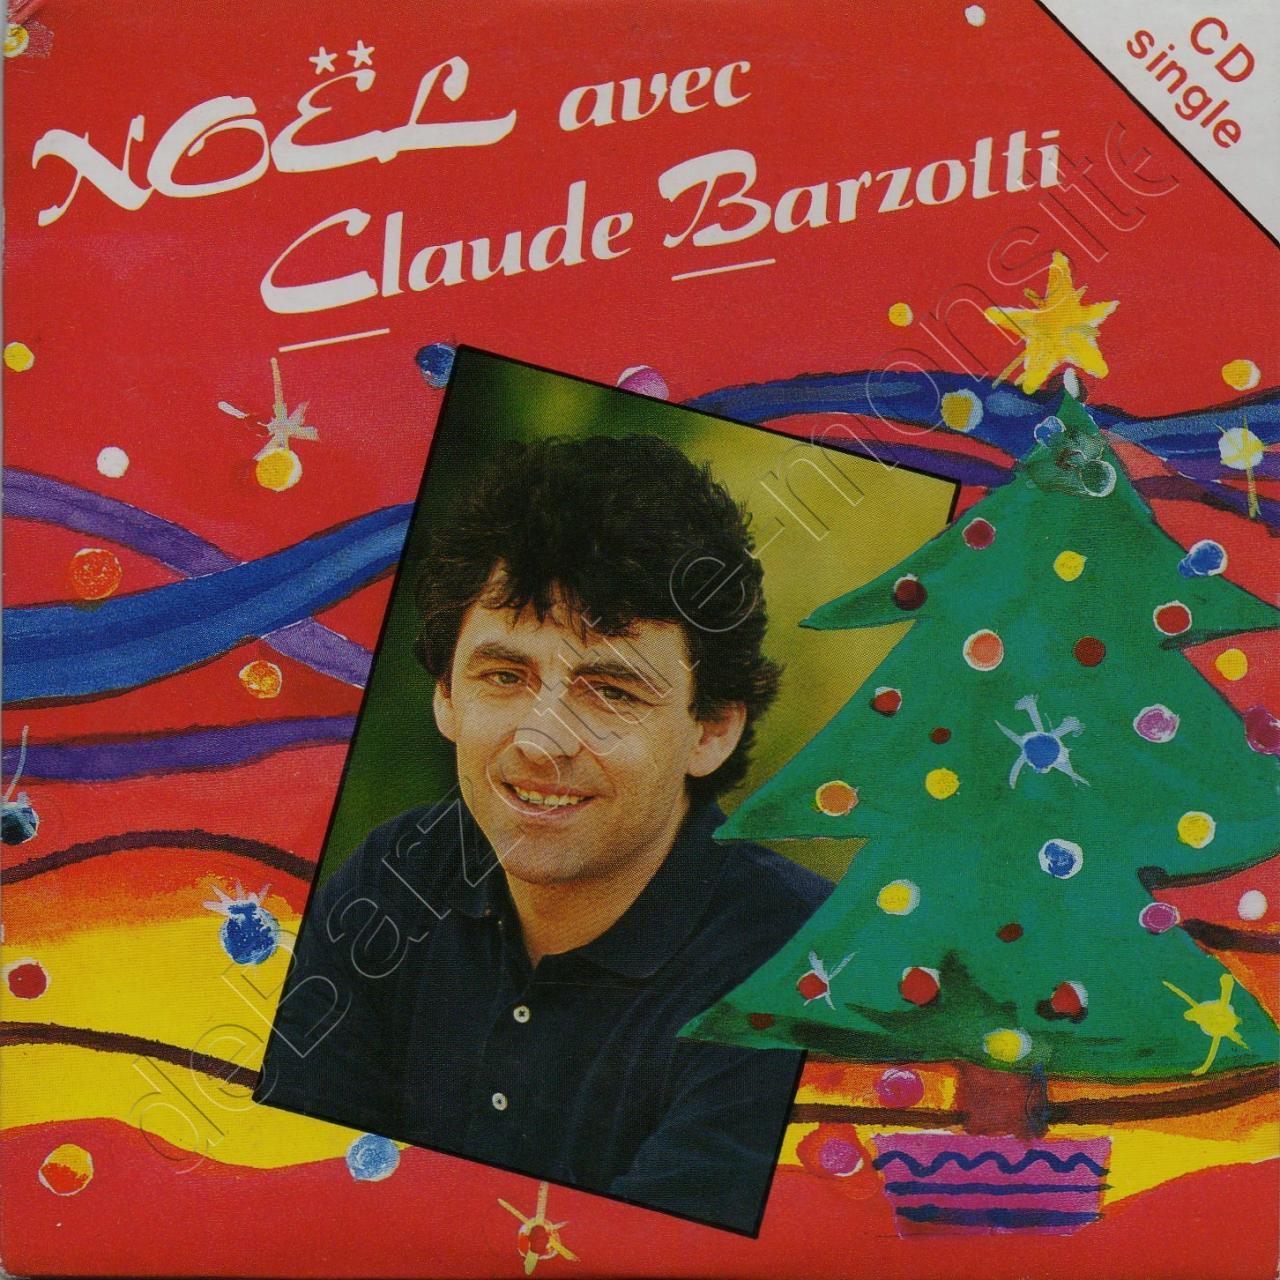 CD 2 titres Noël avec Claude Barzotti Noël blanc / C'est pas Noël 1994